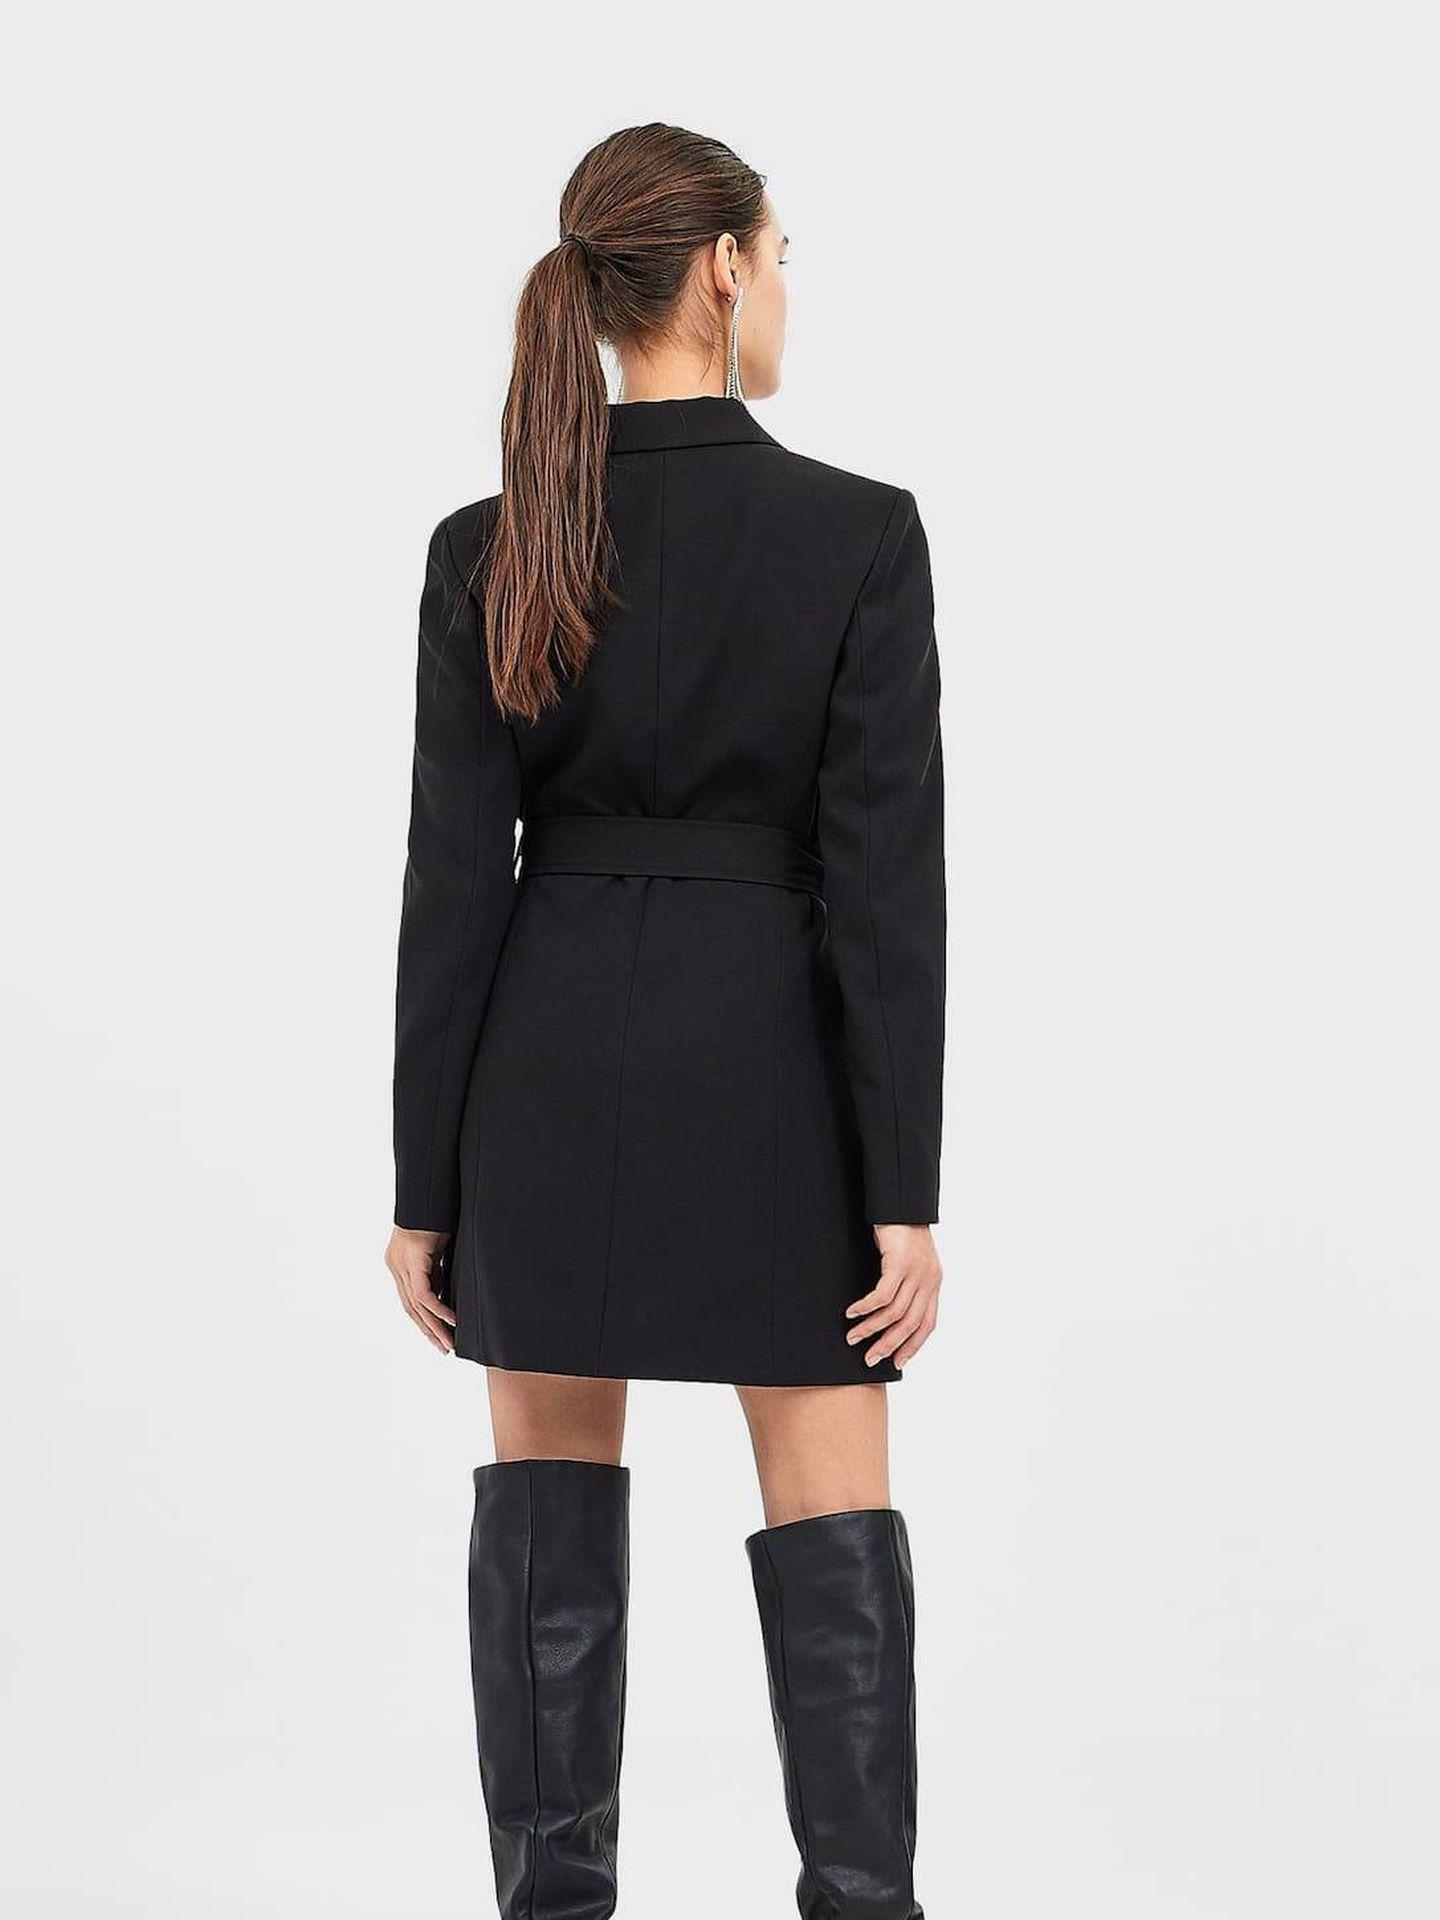 Vestido negro de Stradivarius. (Cortesía)